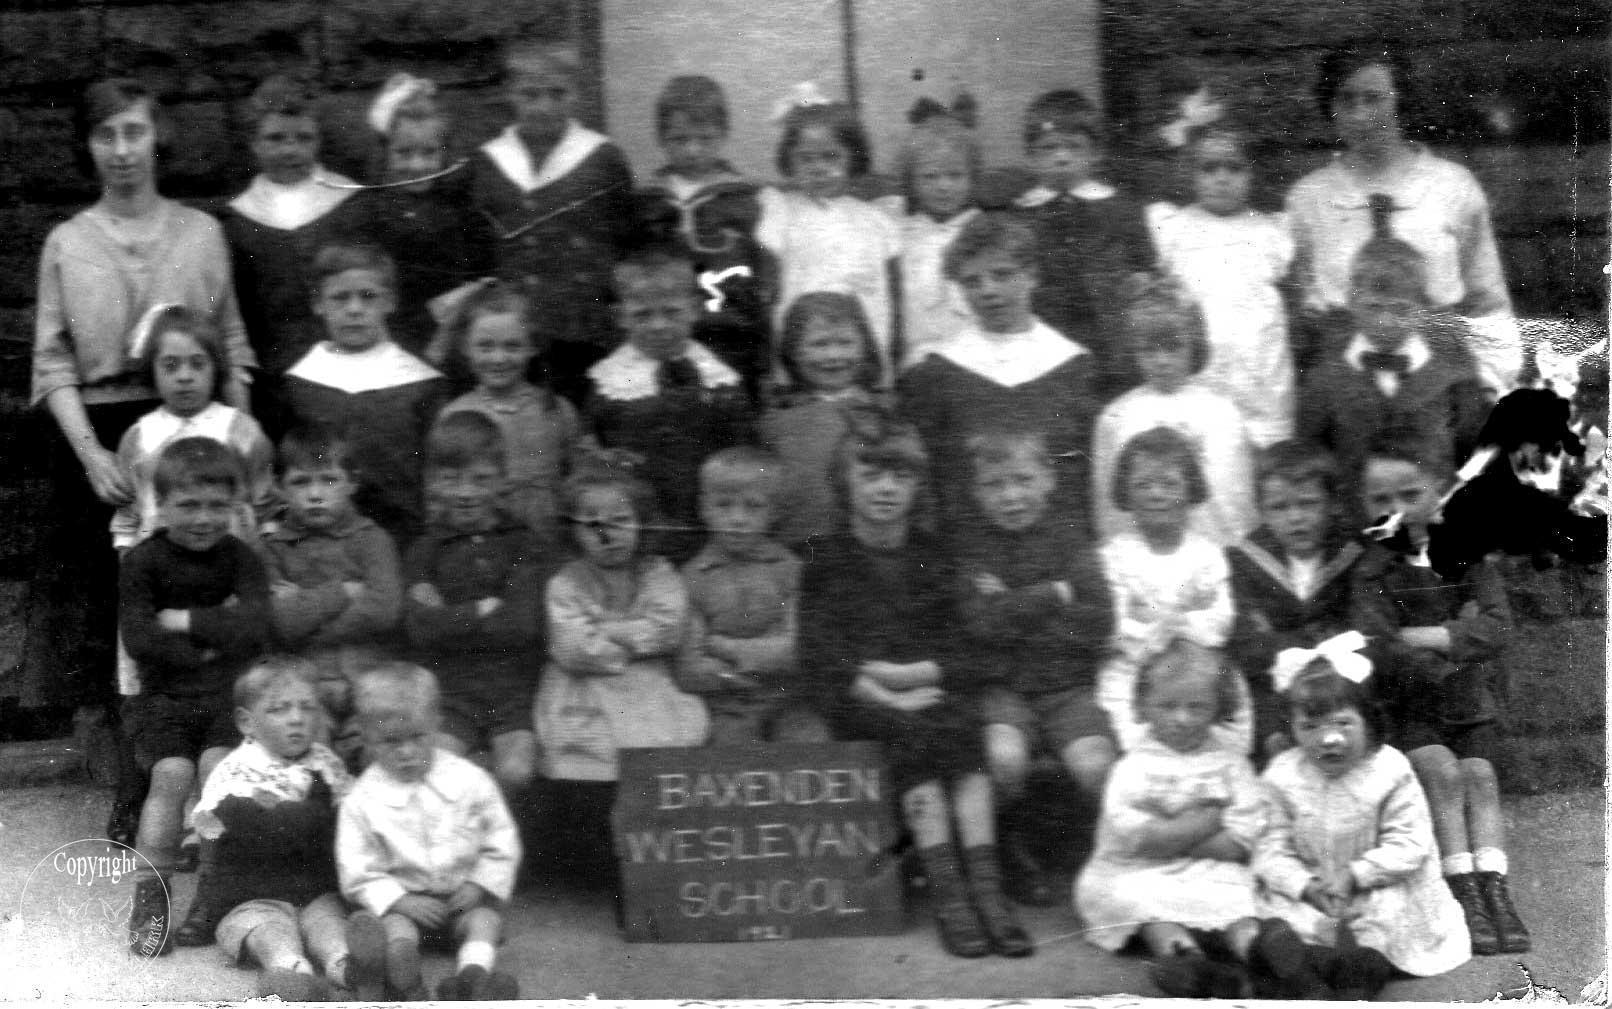 Baxenden Wesleyan School